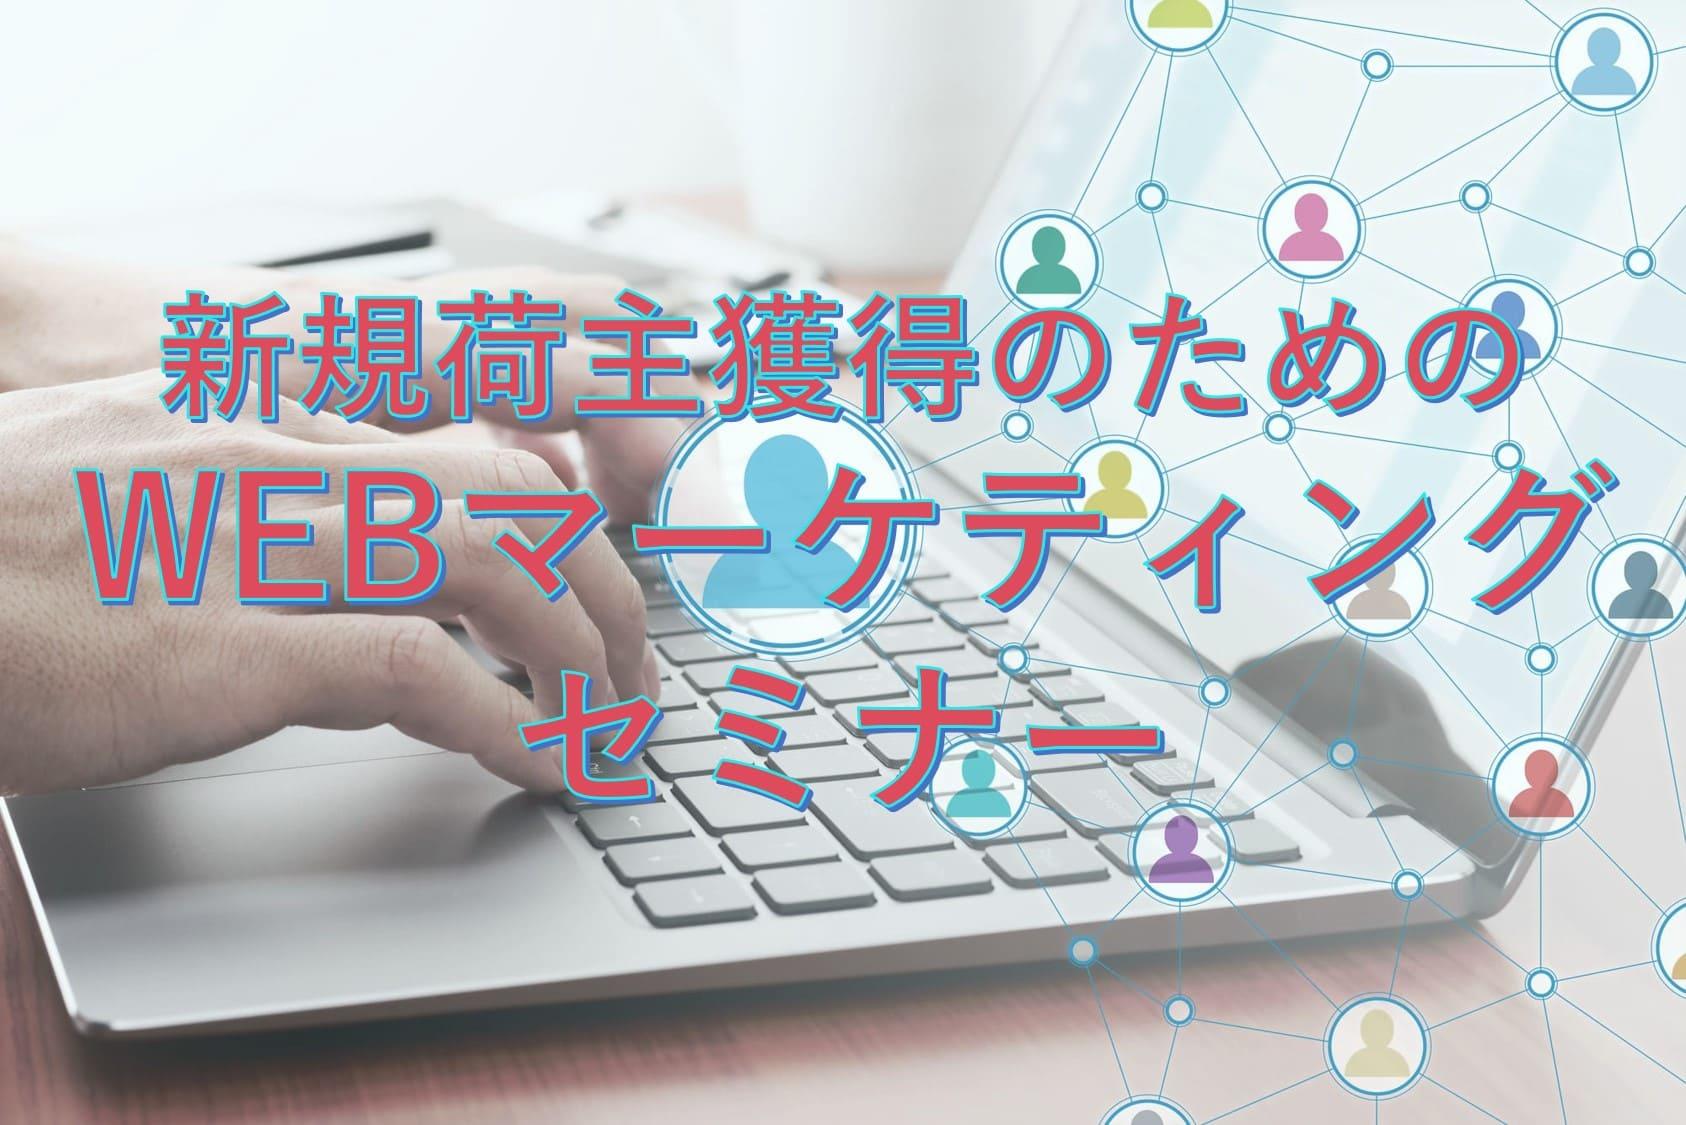 新規荷主獲得のためのWEBマーケティングセミナー(リバイバル)